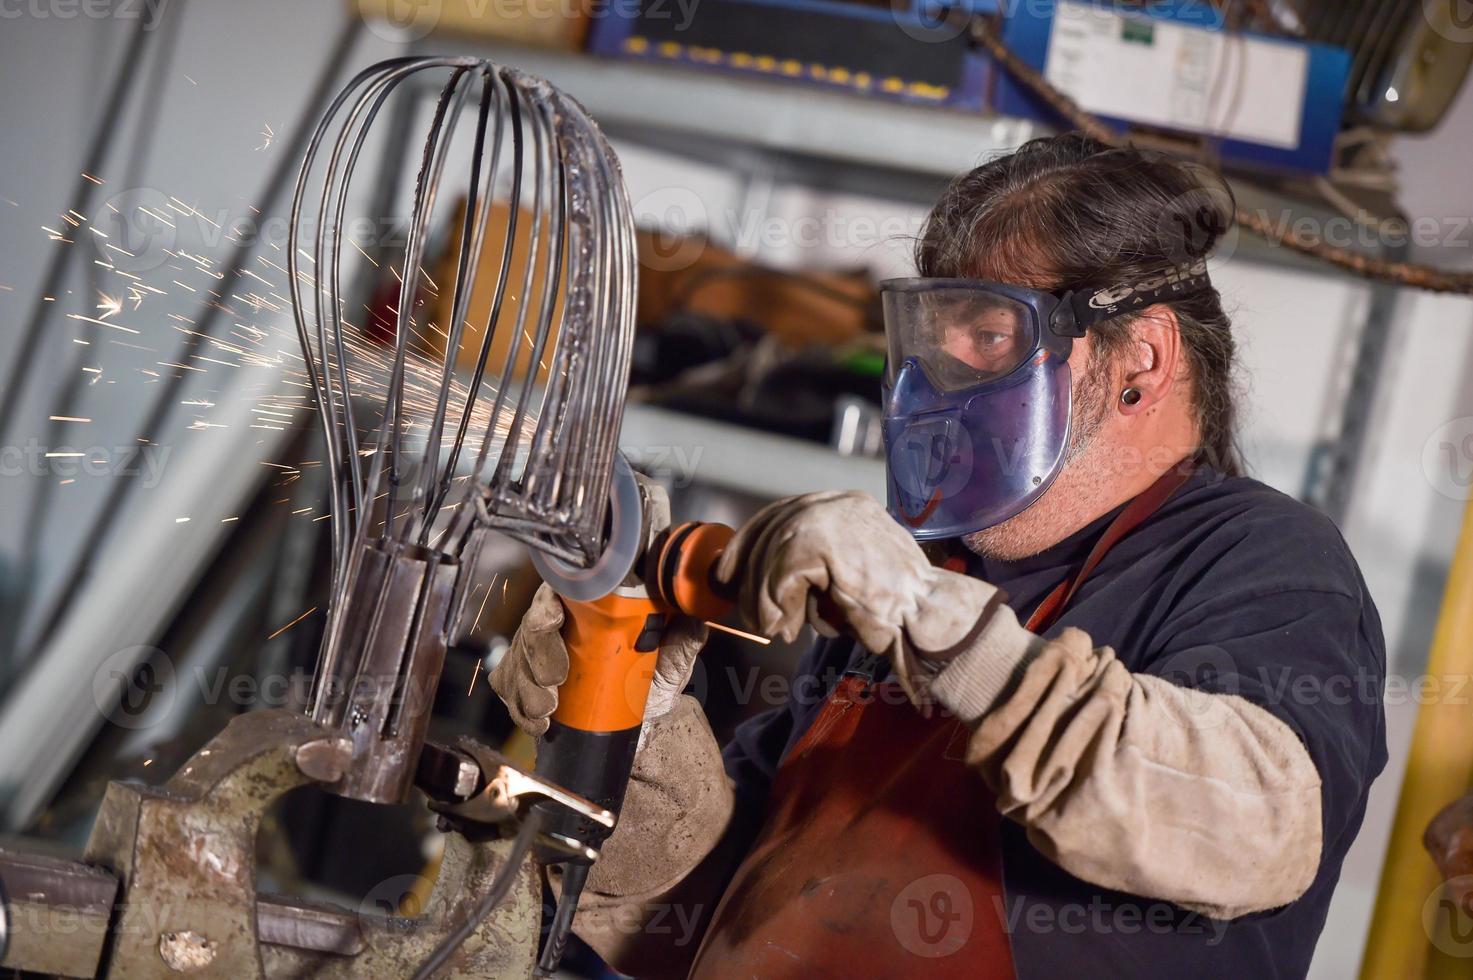 métallurgiste broyage avec des étincelles en atelier photo